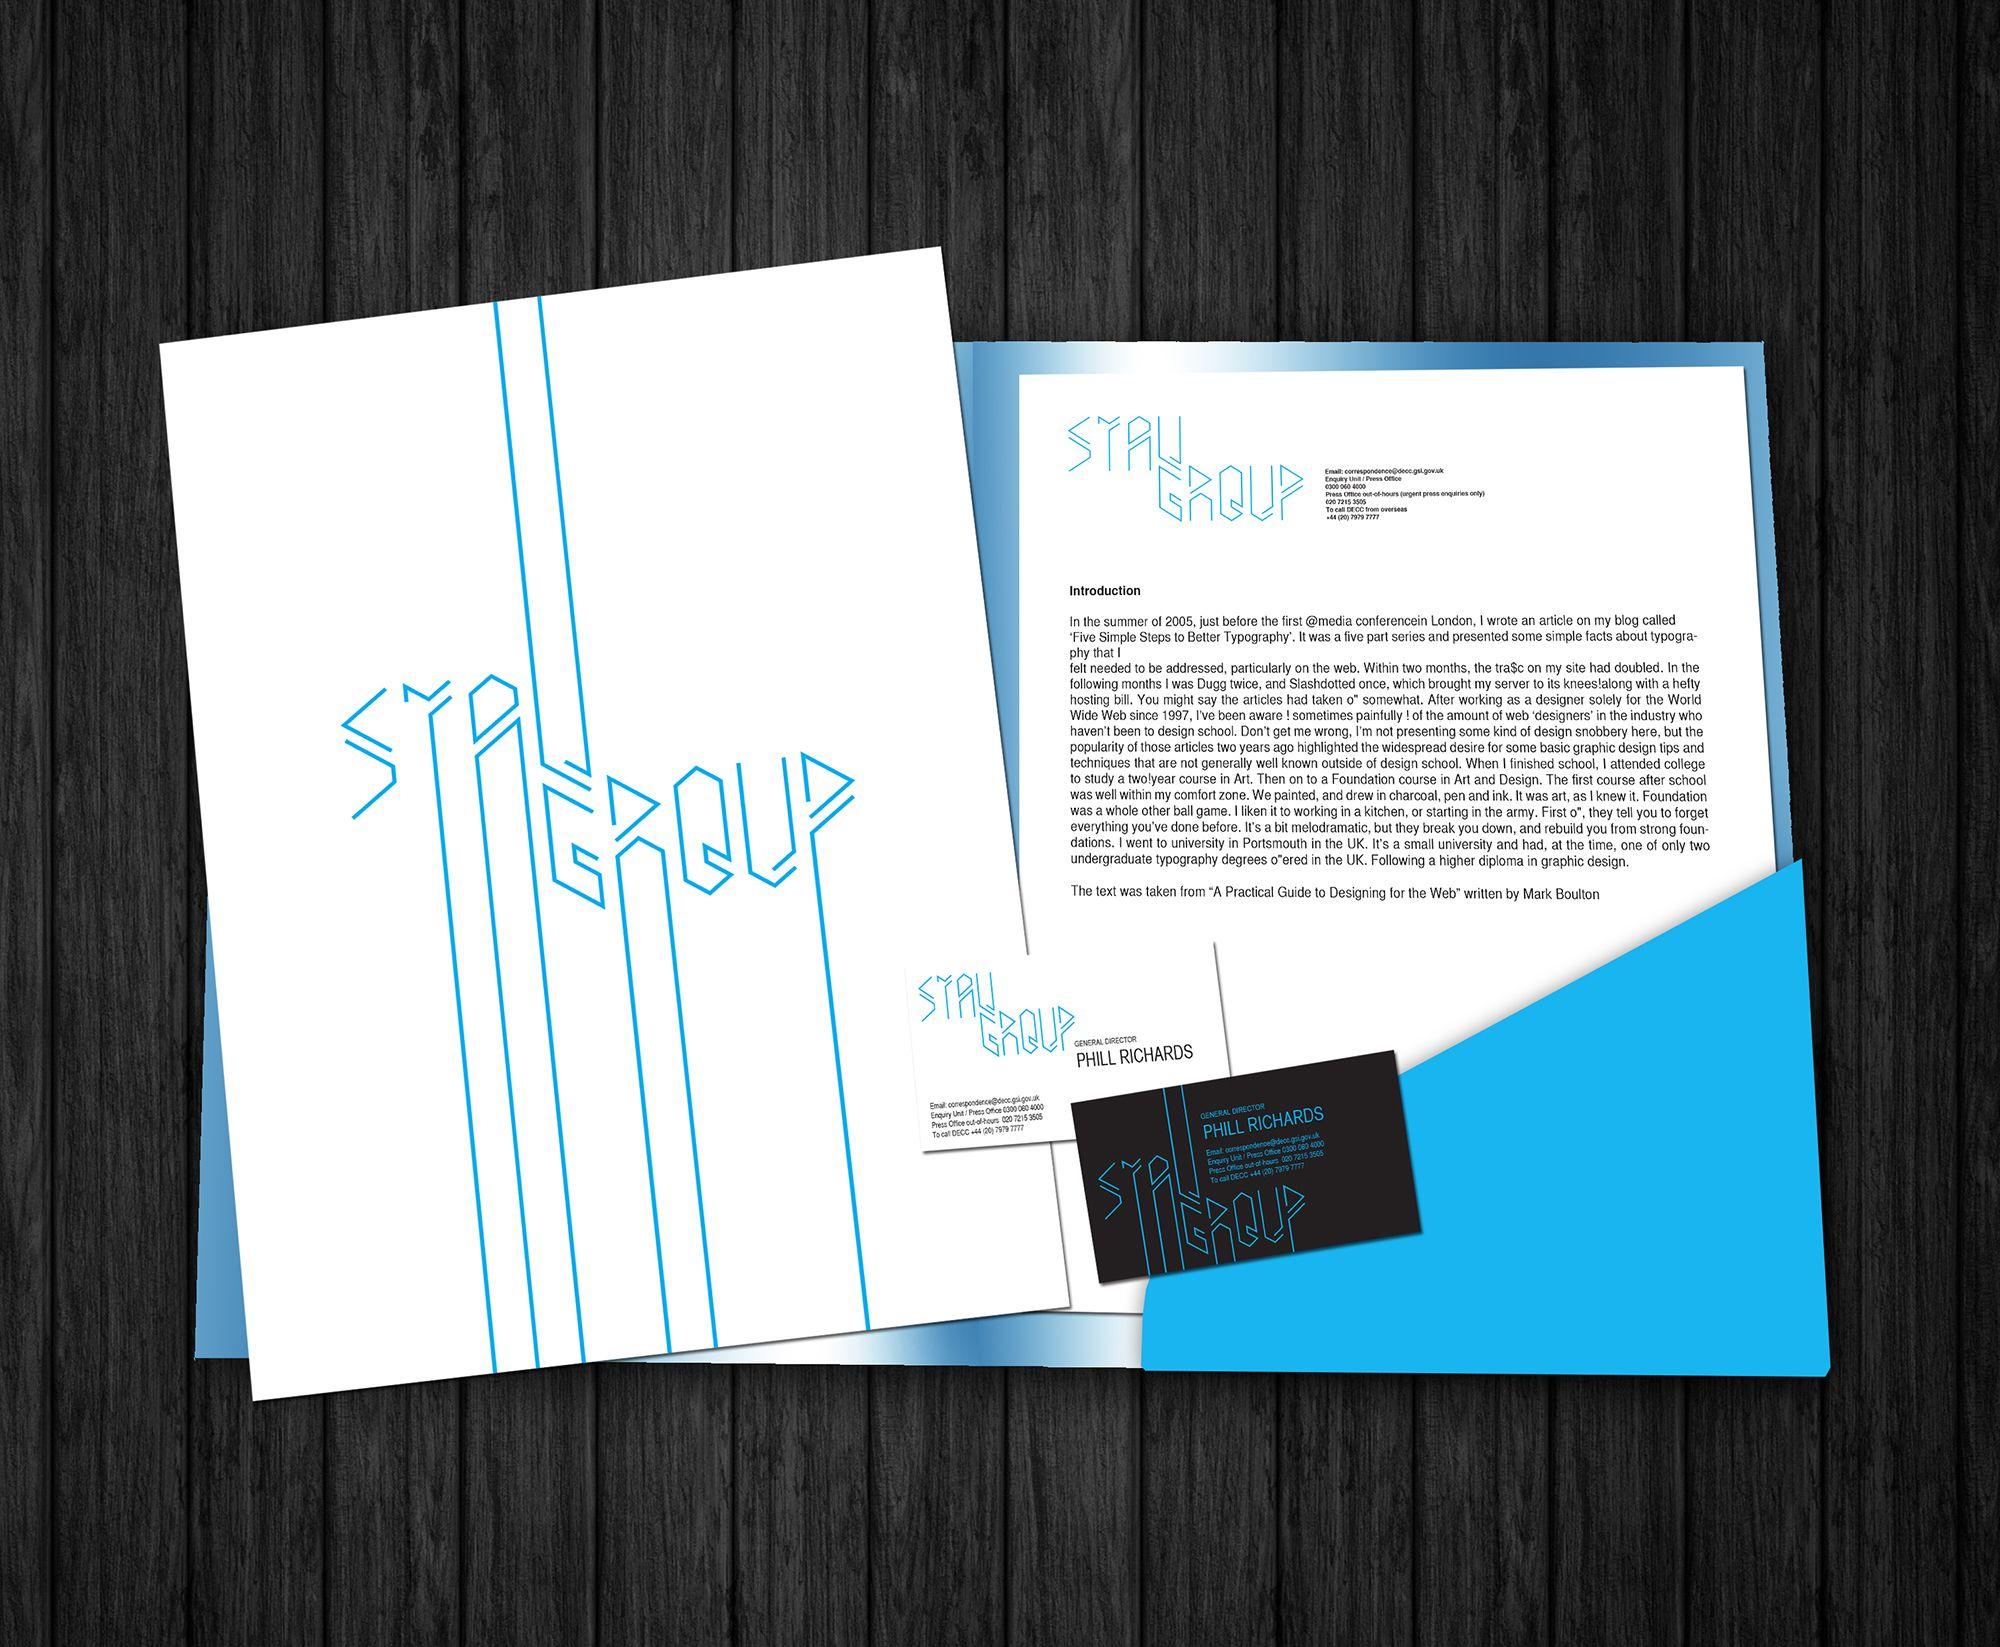 Лого и фирменный стиль для STAVGROUP - дизайнер linagrin